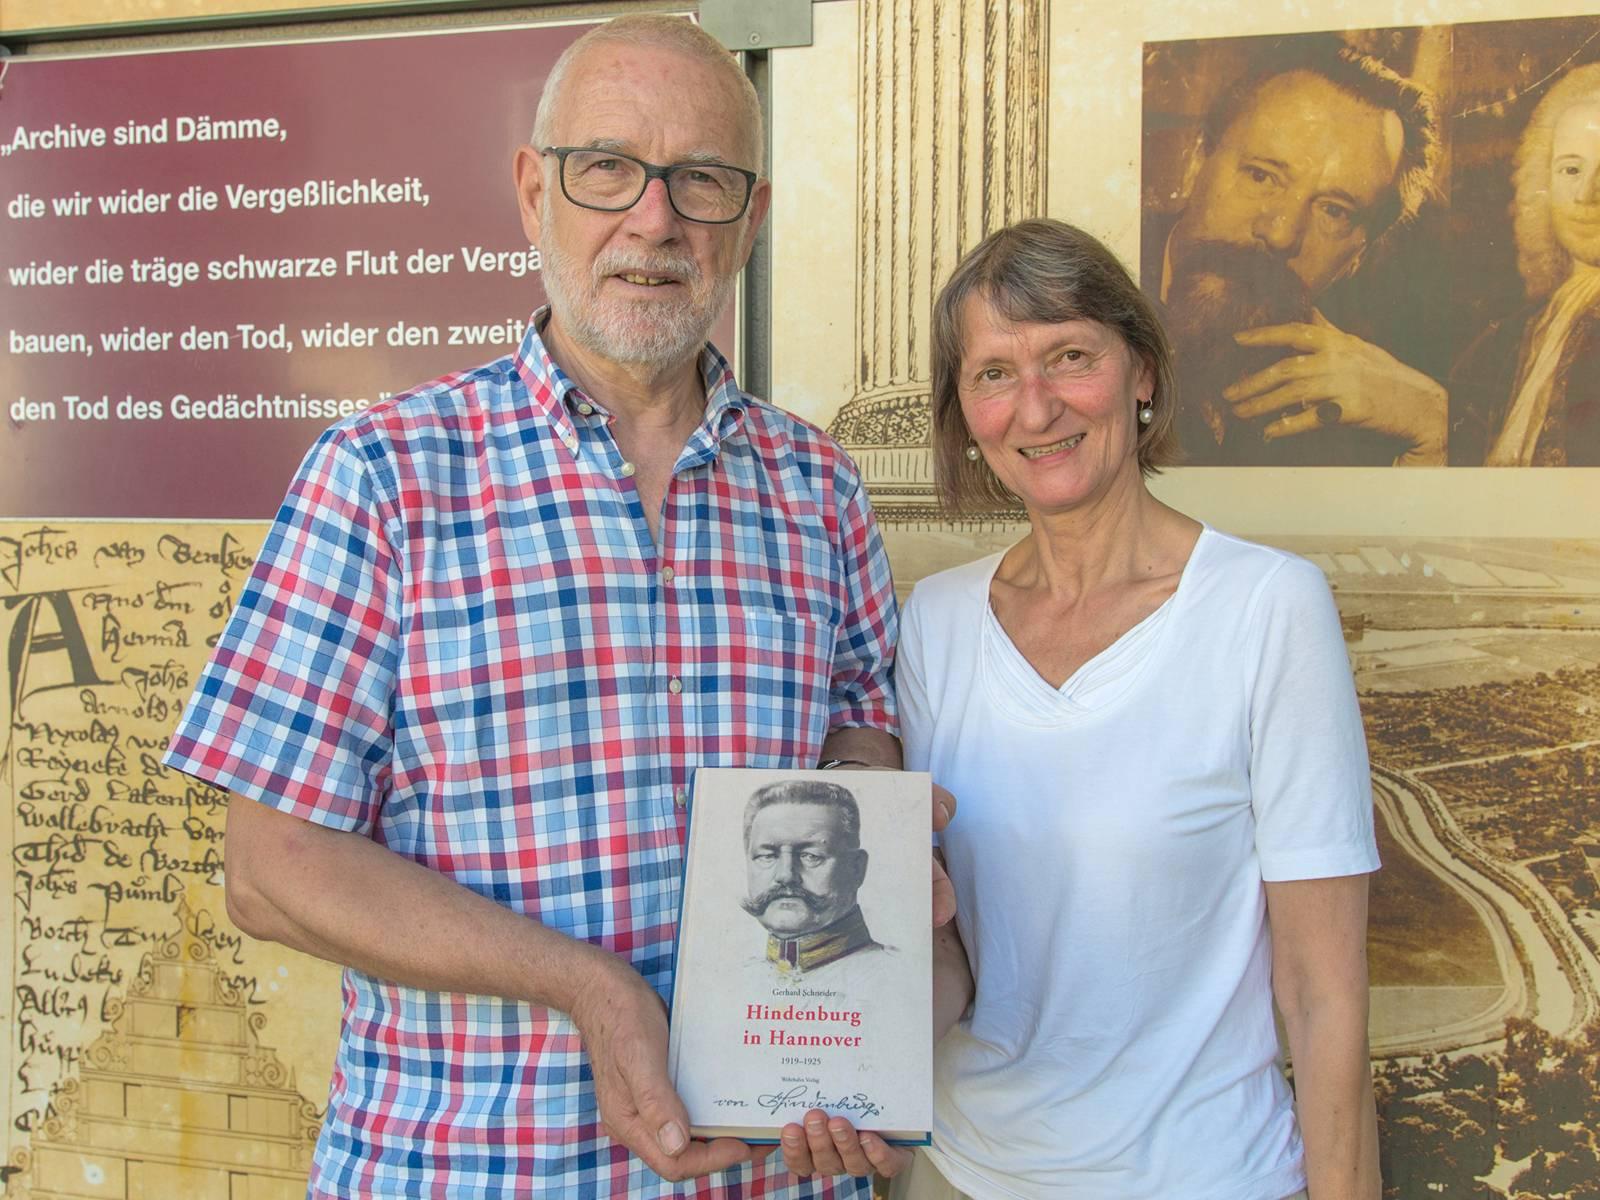 Zwei Personen präsentieren ein Buch